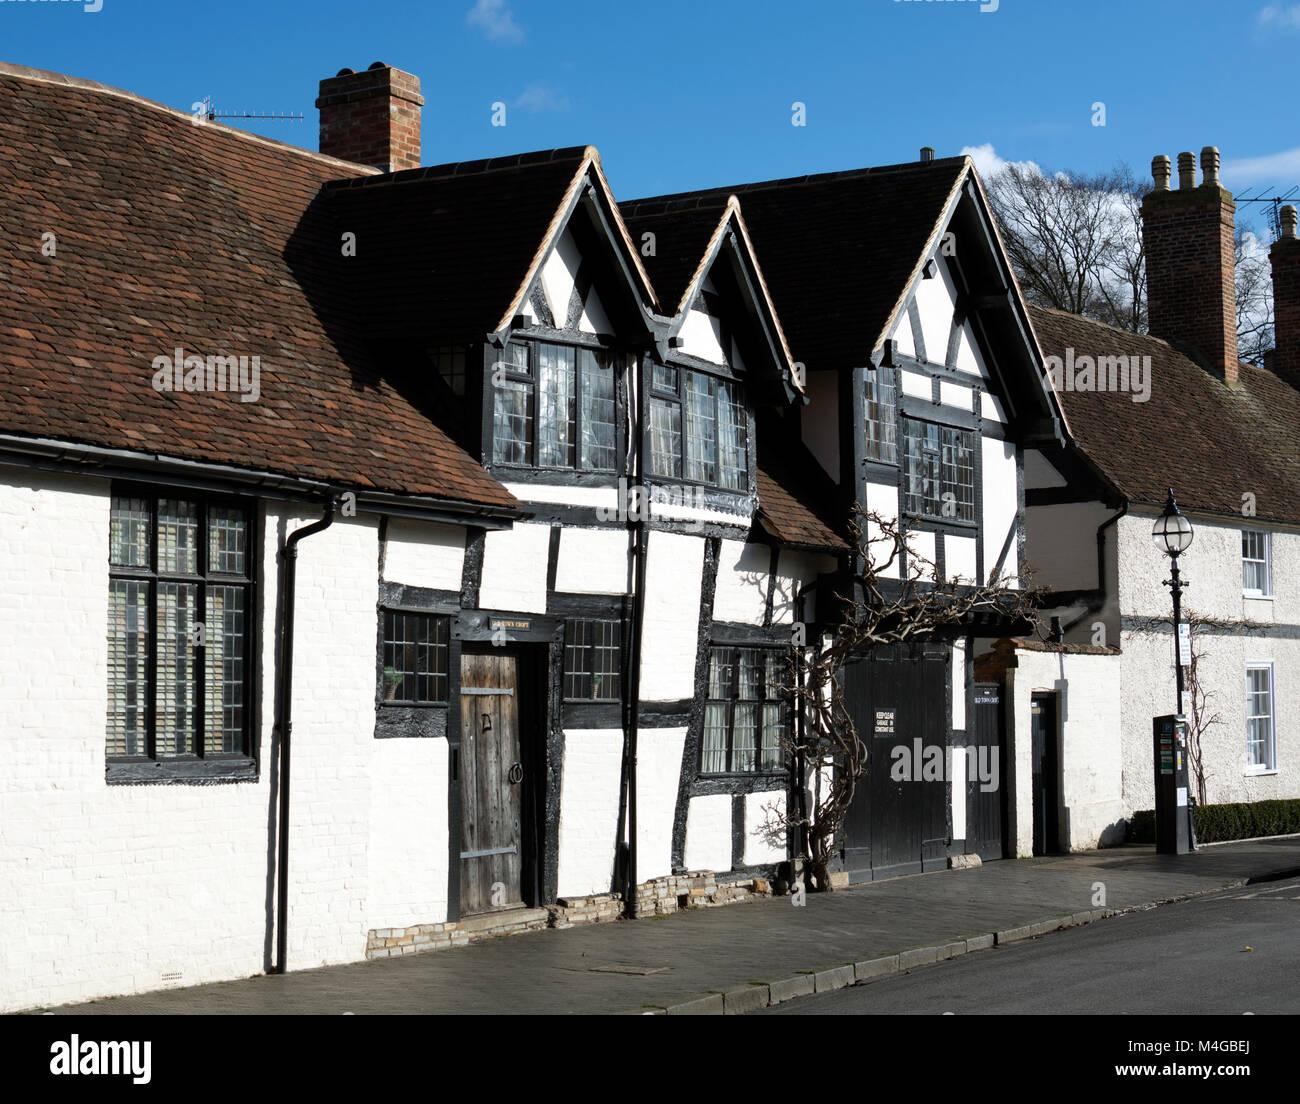 Old Town, Stratford-upon-Avon, Warwickshire, England, UK - Stock Image